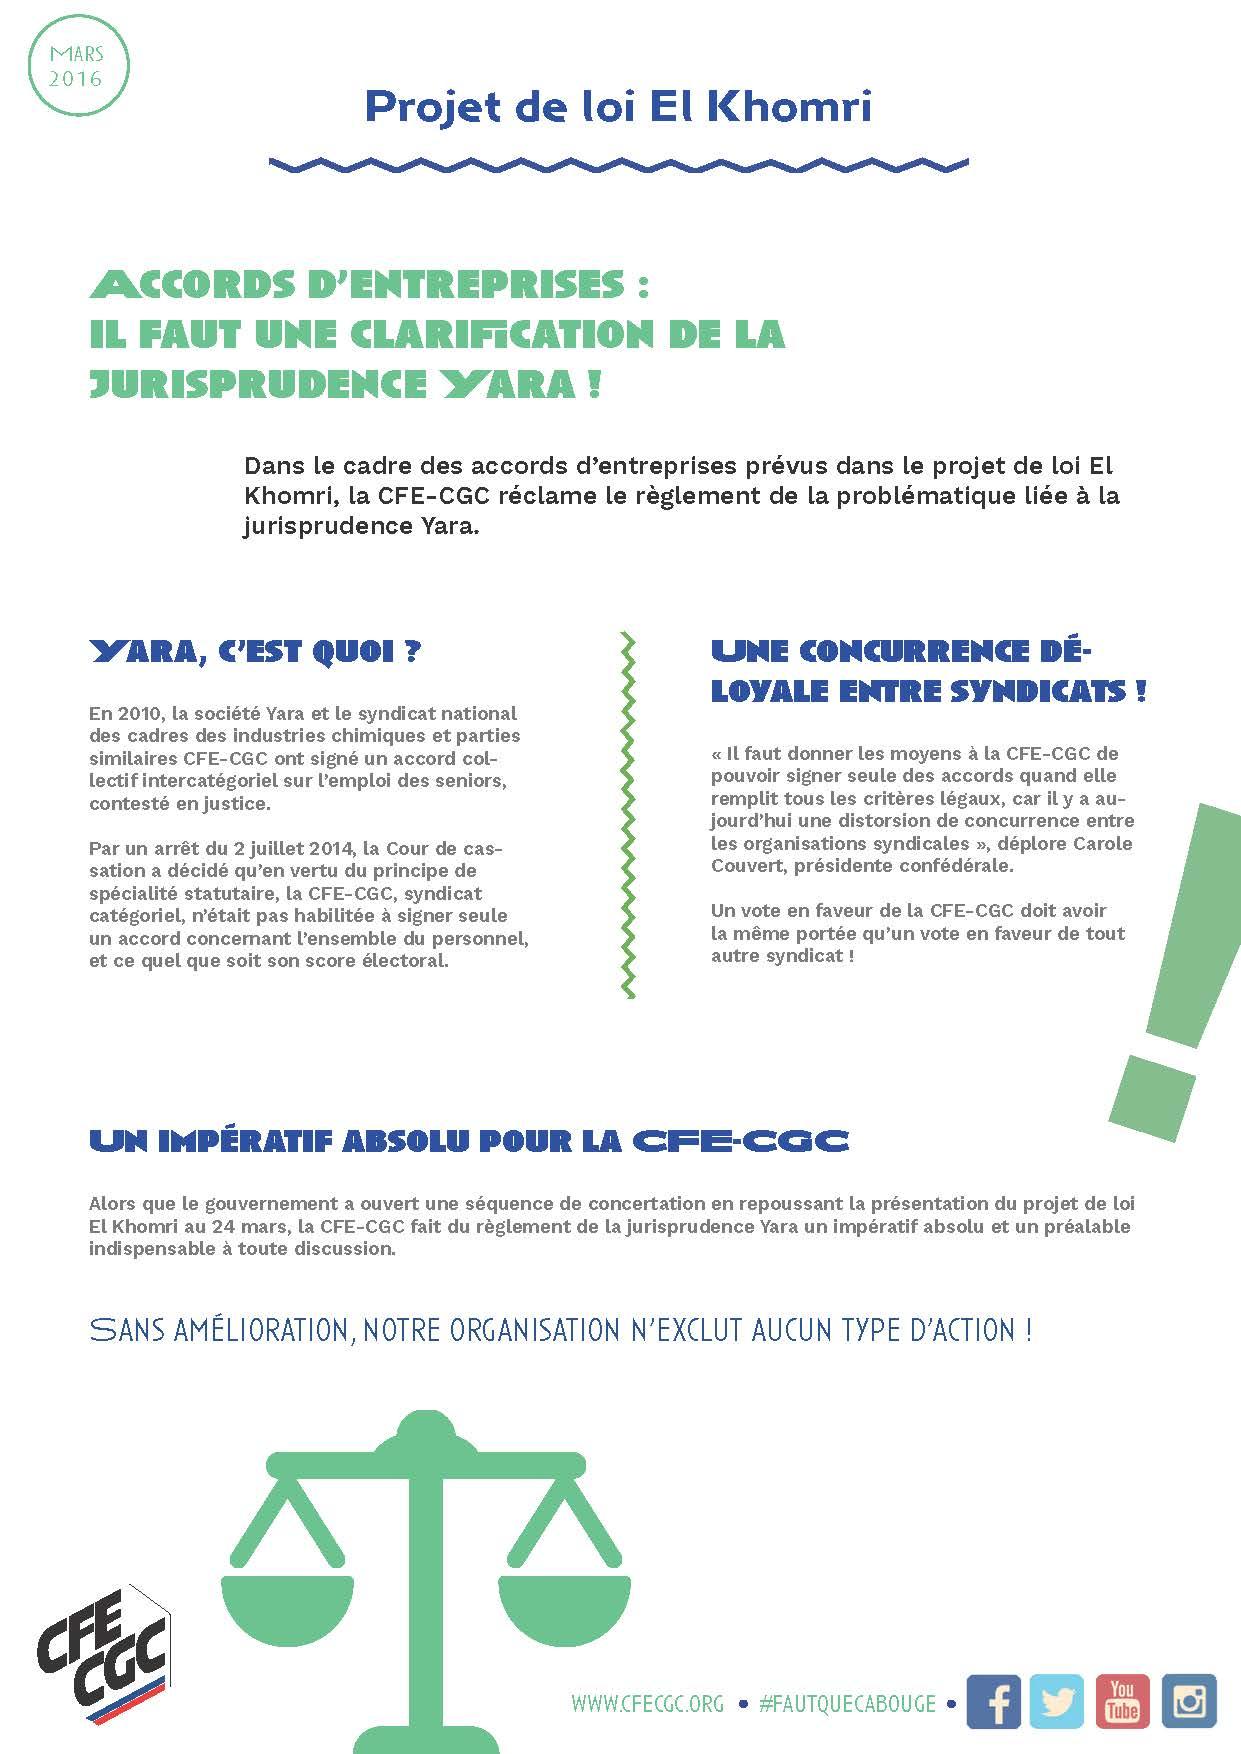 1. TRACT - ACCORDS D'ENTREPRISES - IL FAUT UNE CLARIFICATION DE LA JURISPRUDENCE YARA